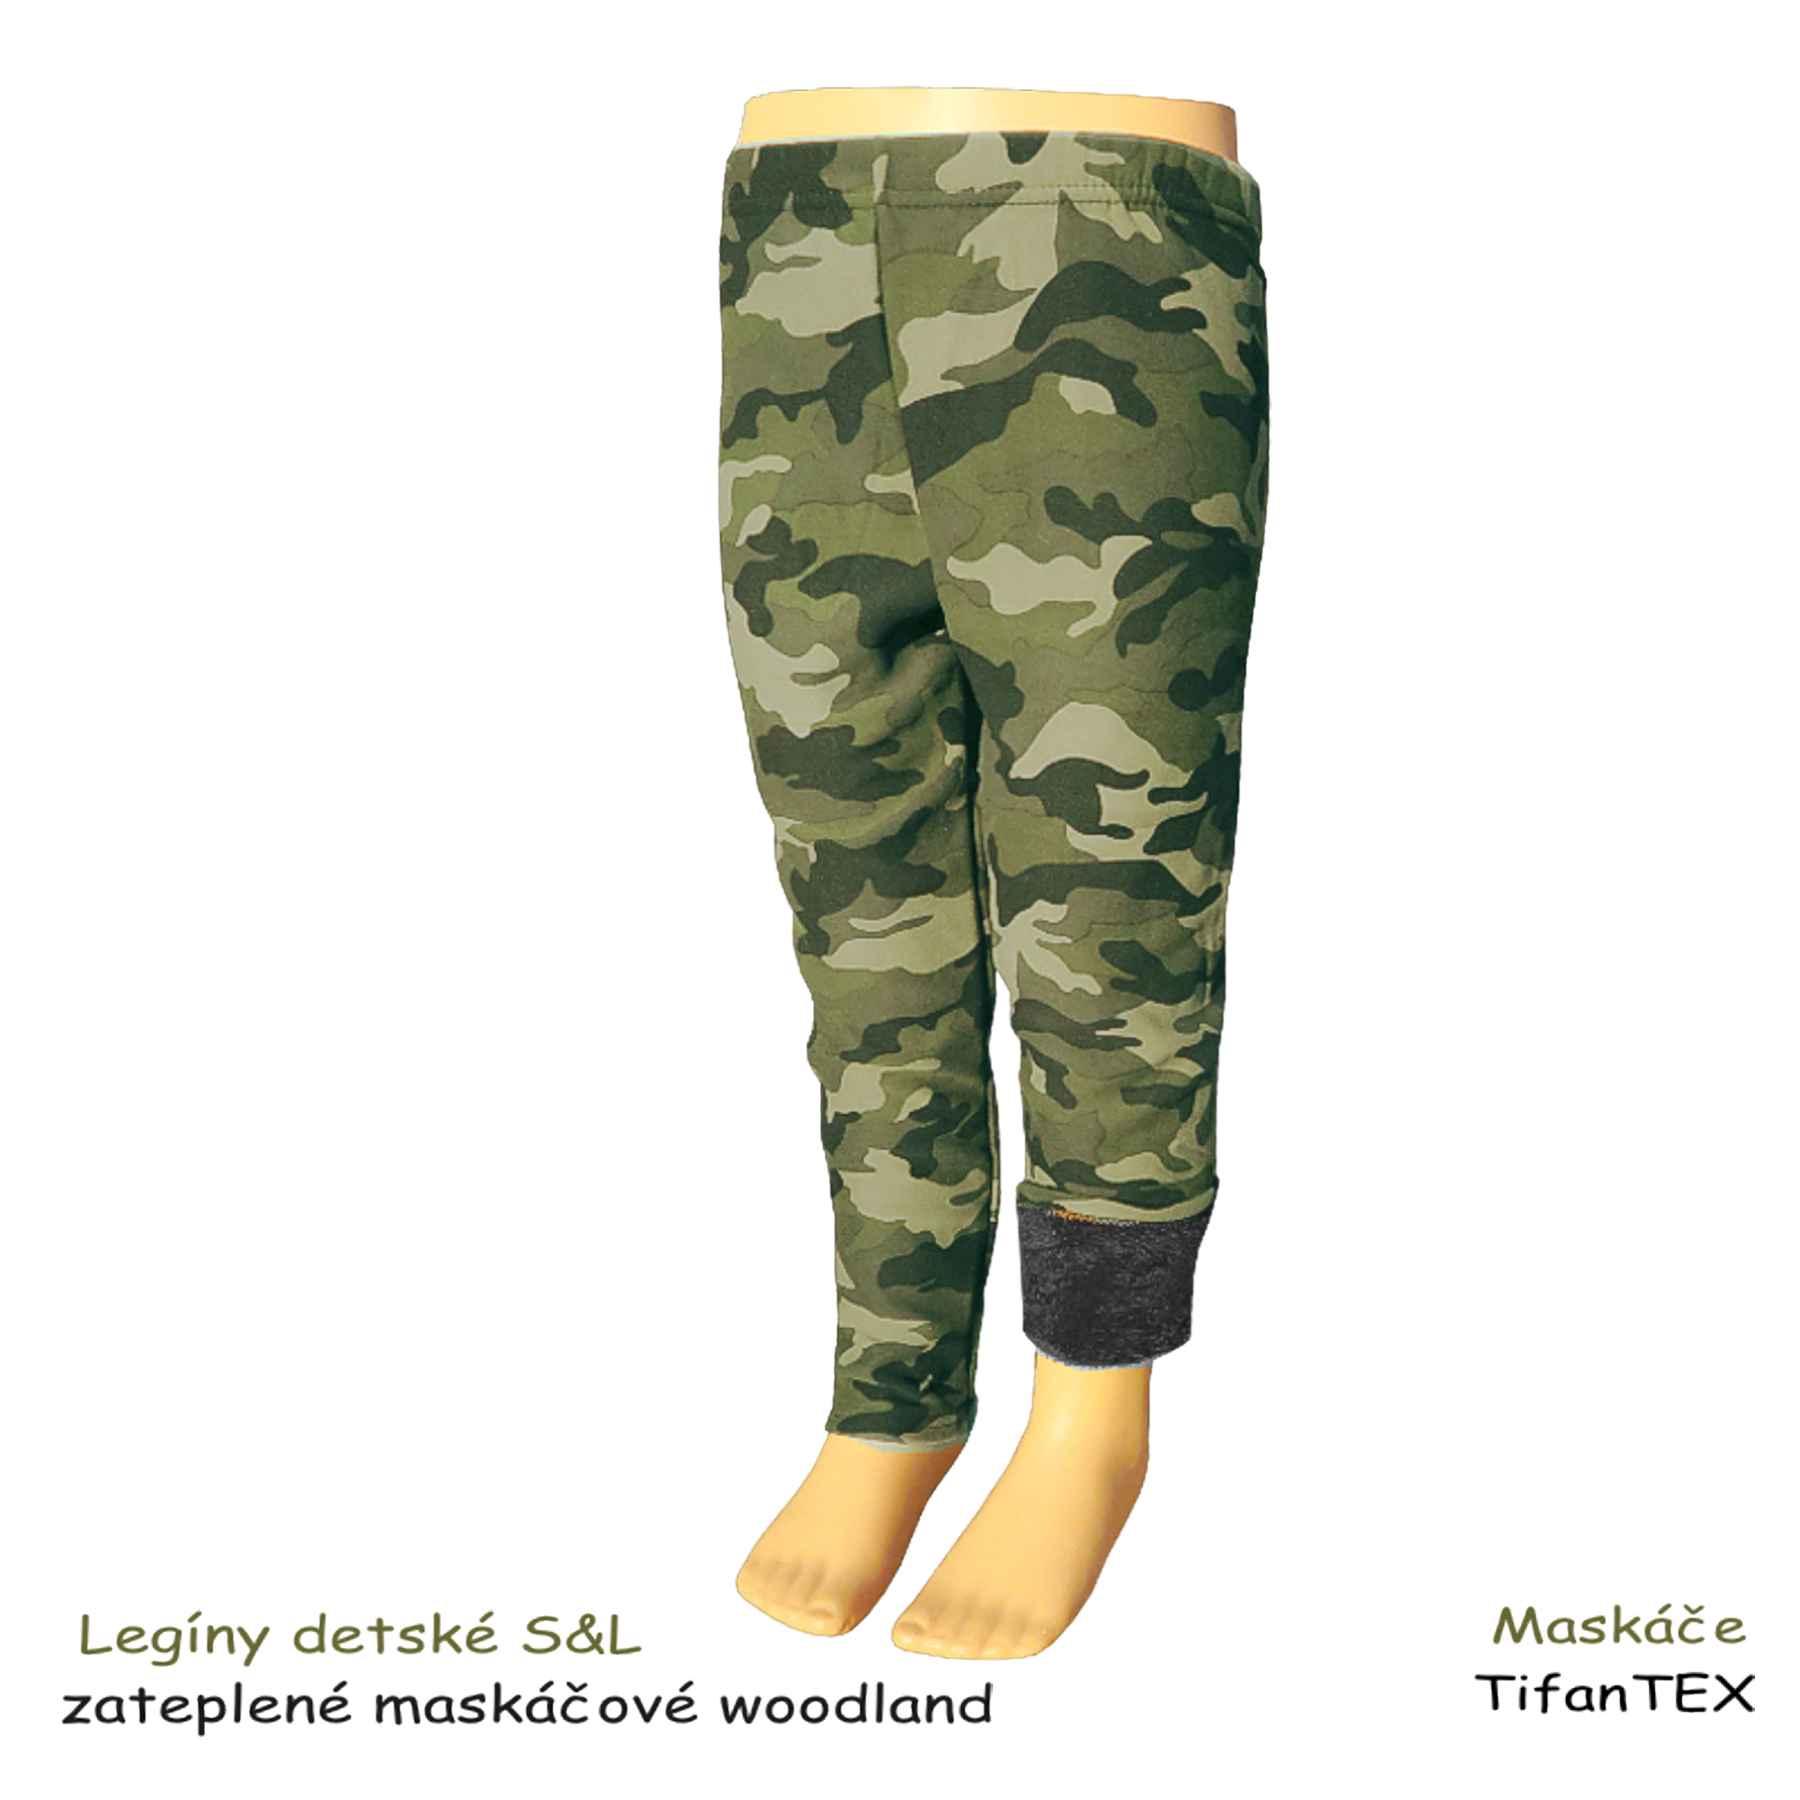 vhodné na chladné obdobie Legíny detské S L zateplené maskáčové woodland c54d7edfc4